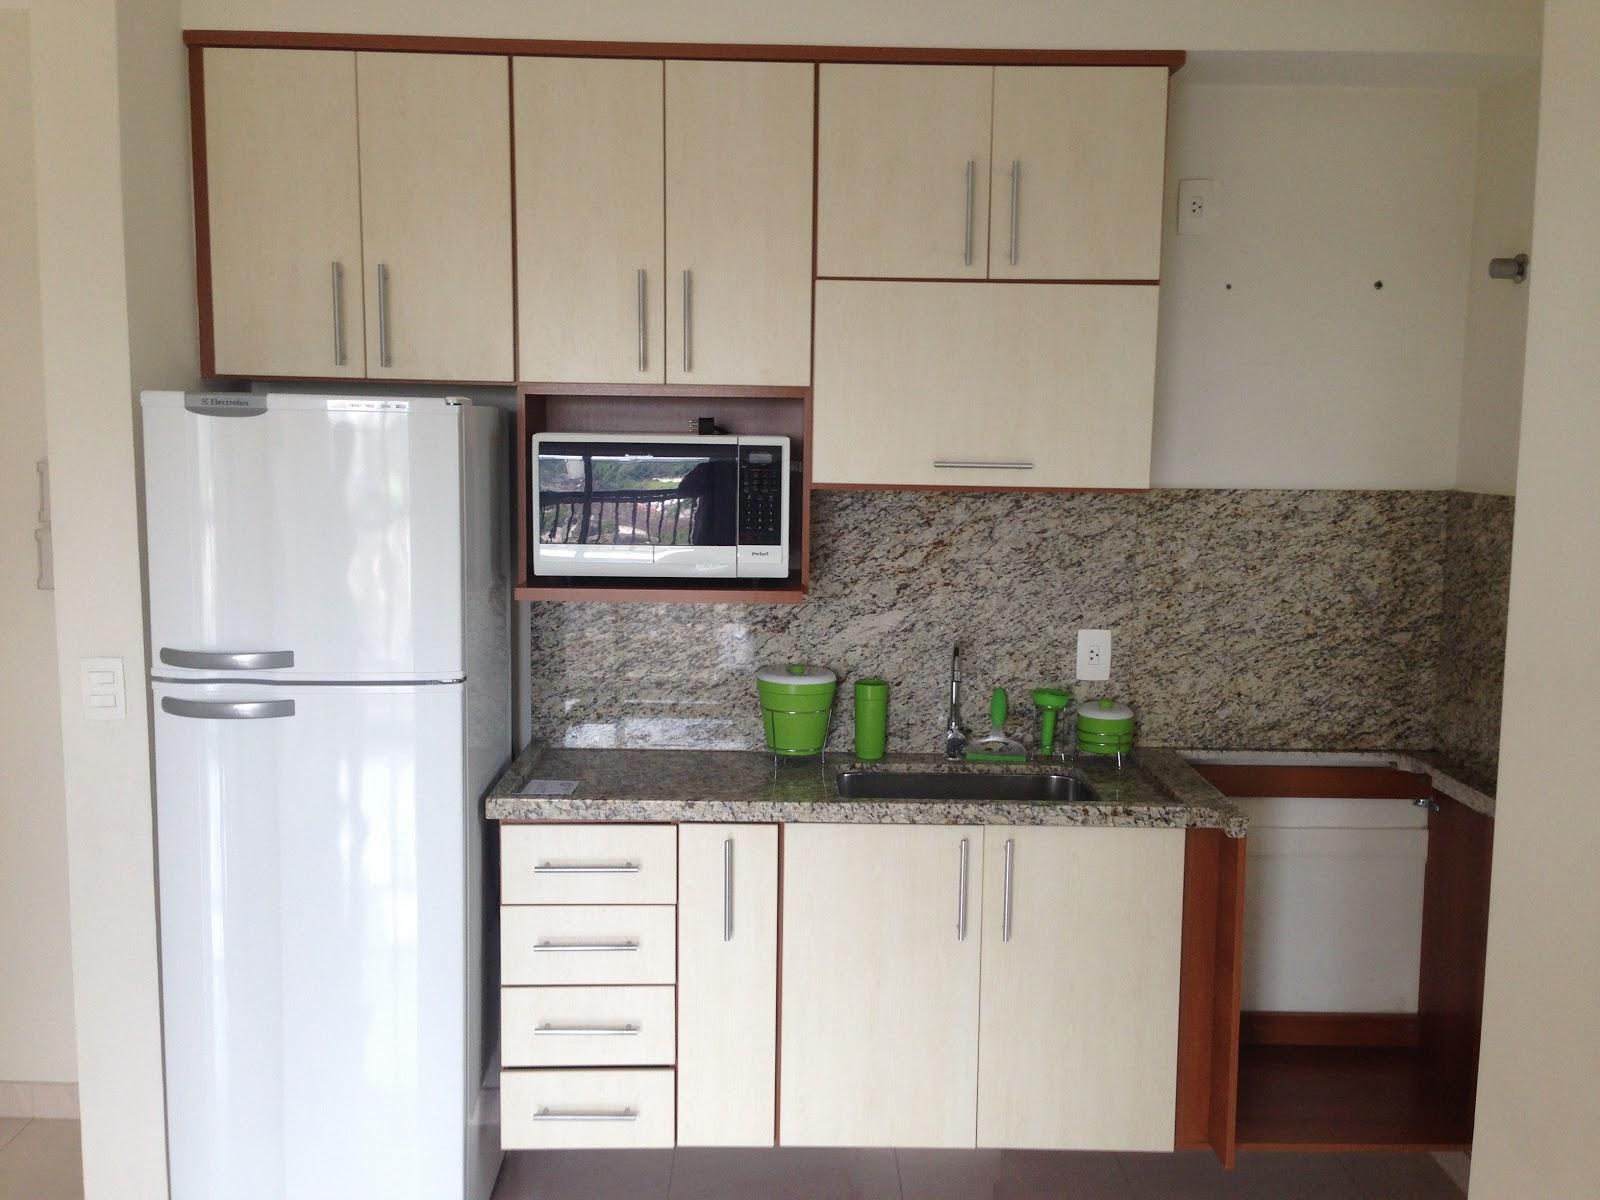 #426B28  fechamos contrato e na cozinha havia alguns elétrodomésticos 1600x1200 px Balcão Cozinha Americana Tok Stok_1897 Imagens